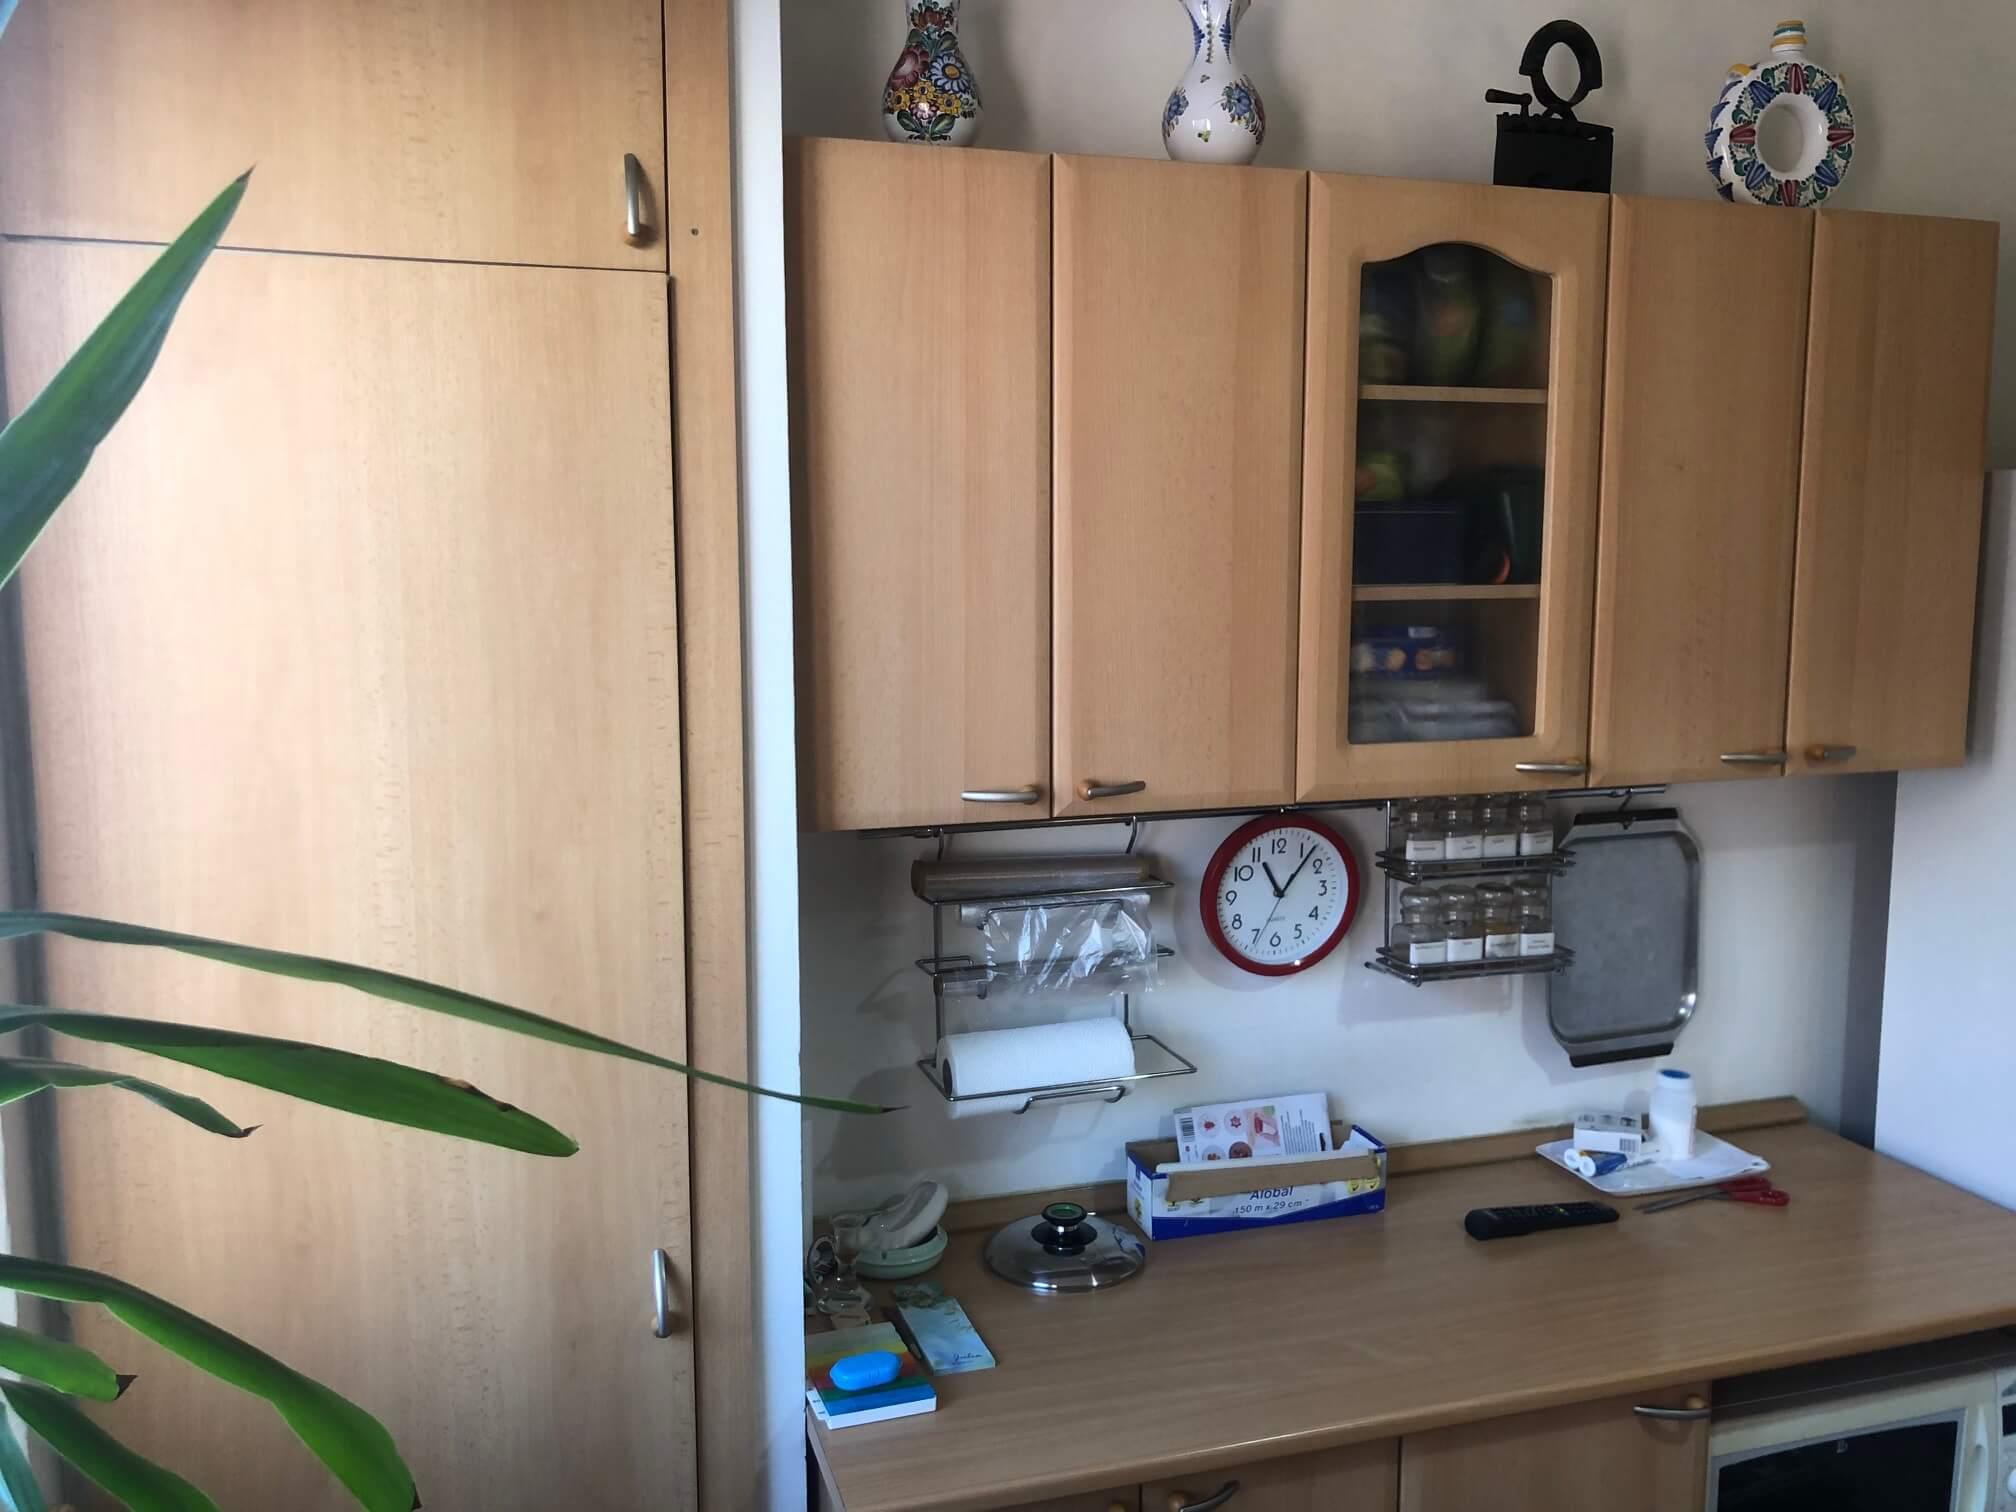 Exkluzívne na predaj 3 izbový byt, Devínska Nová Ves, Jána Poničana 3, 65m2, balkon 4m2,klimatizácia-36